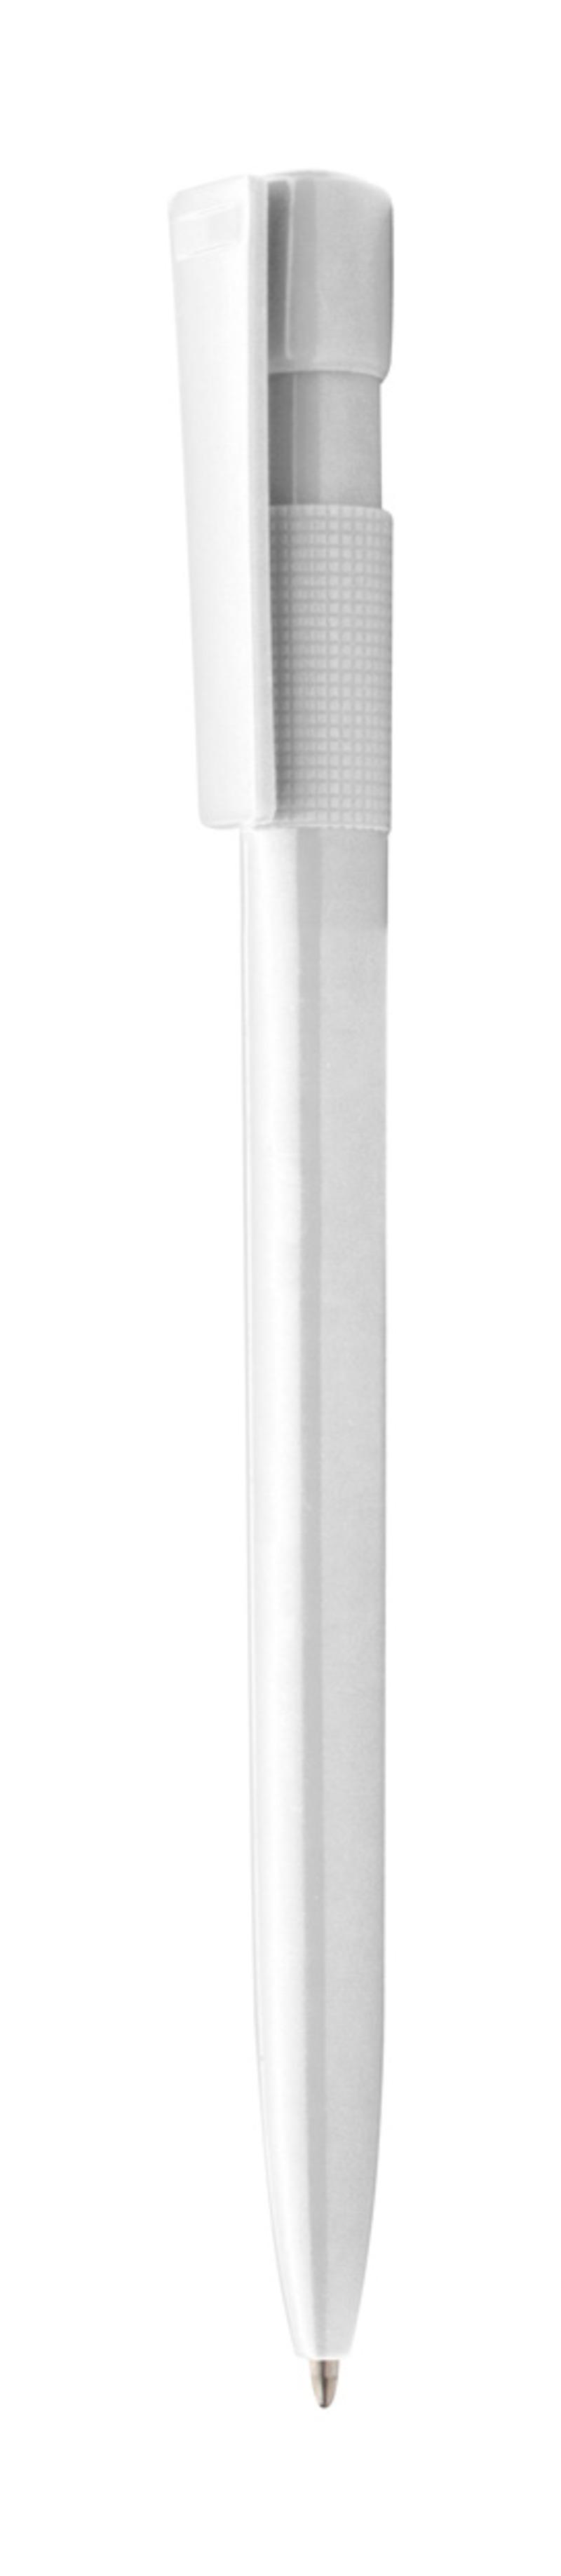 Sidney ballpoint pen